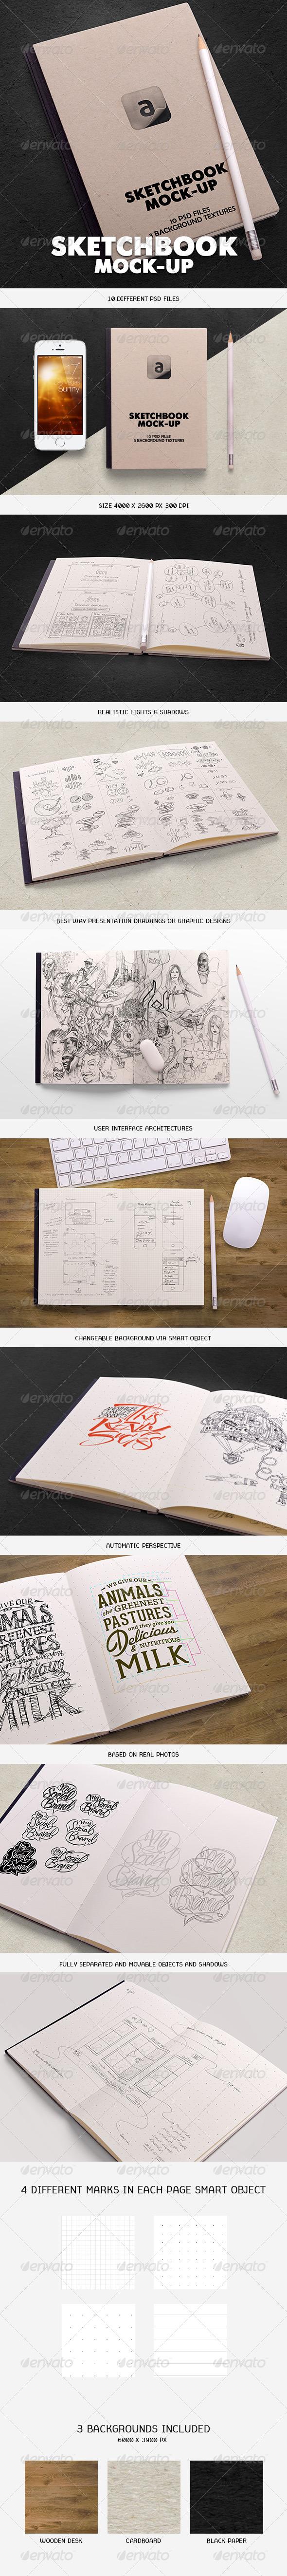 GraphicRiver Sketchbook Mock-up 6125102